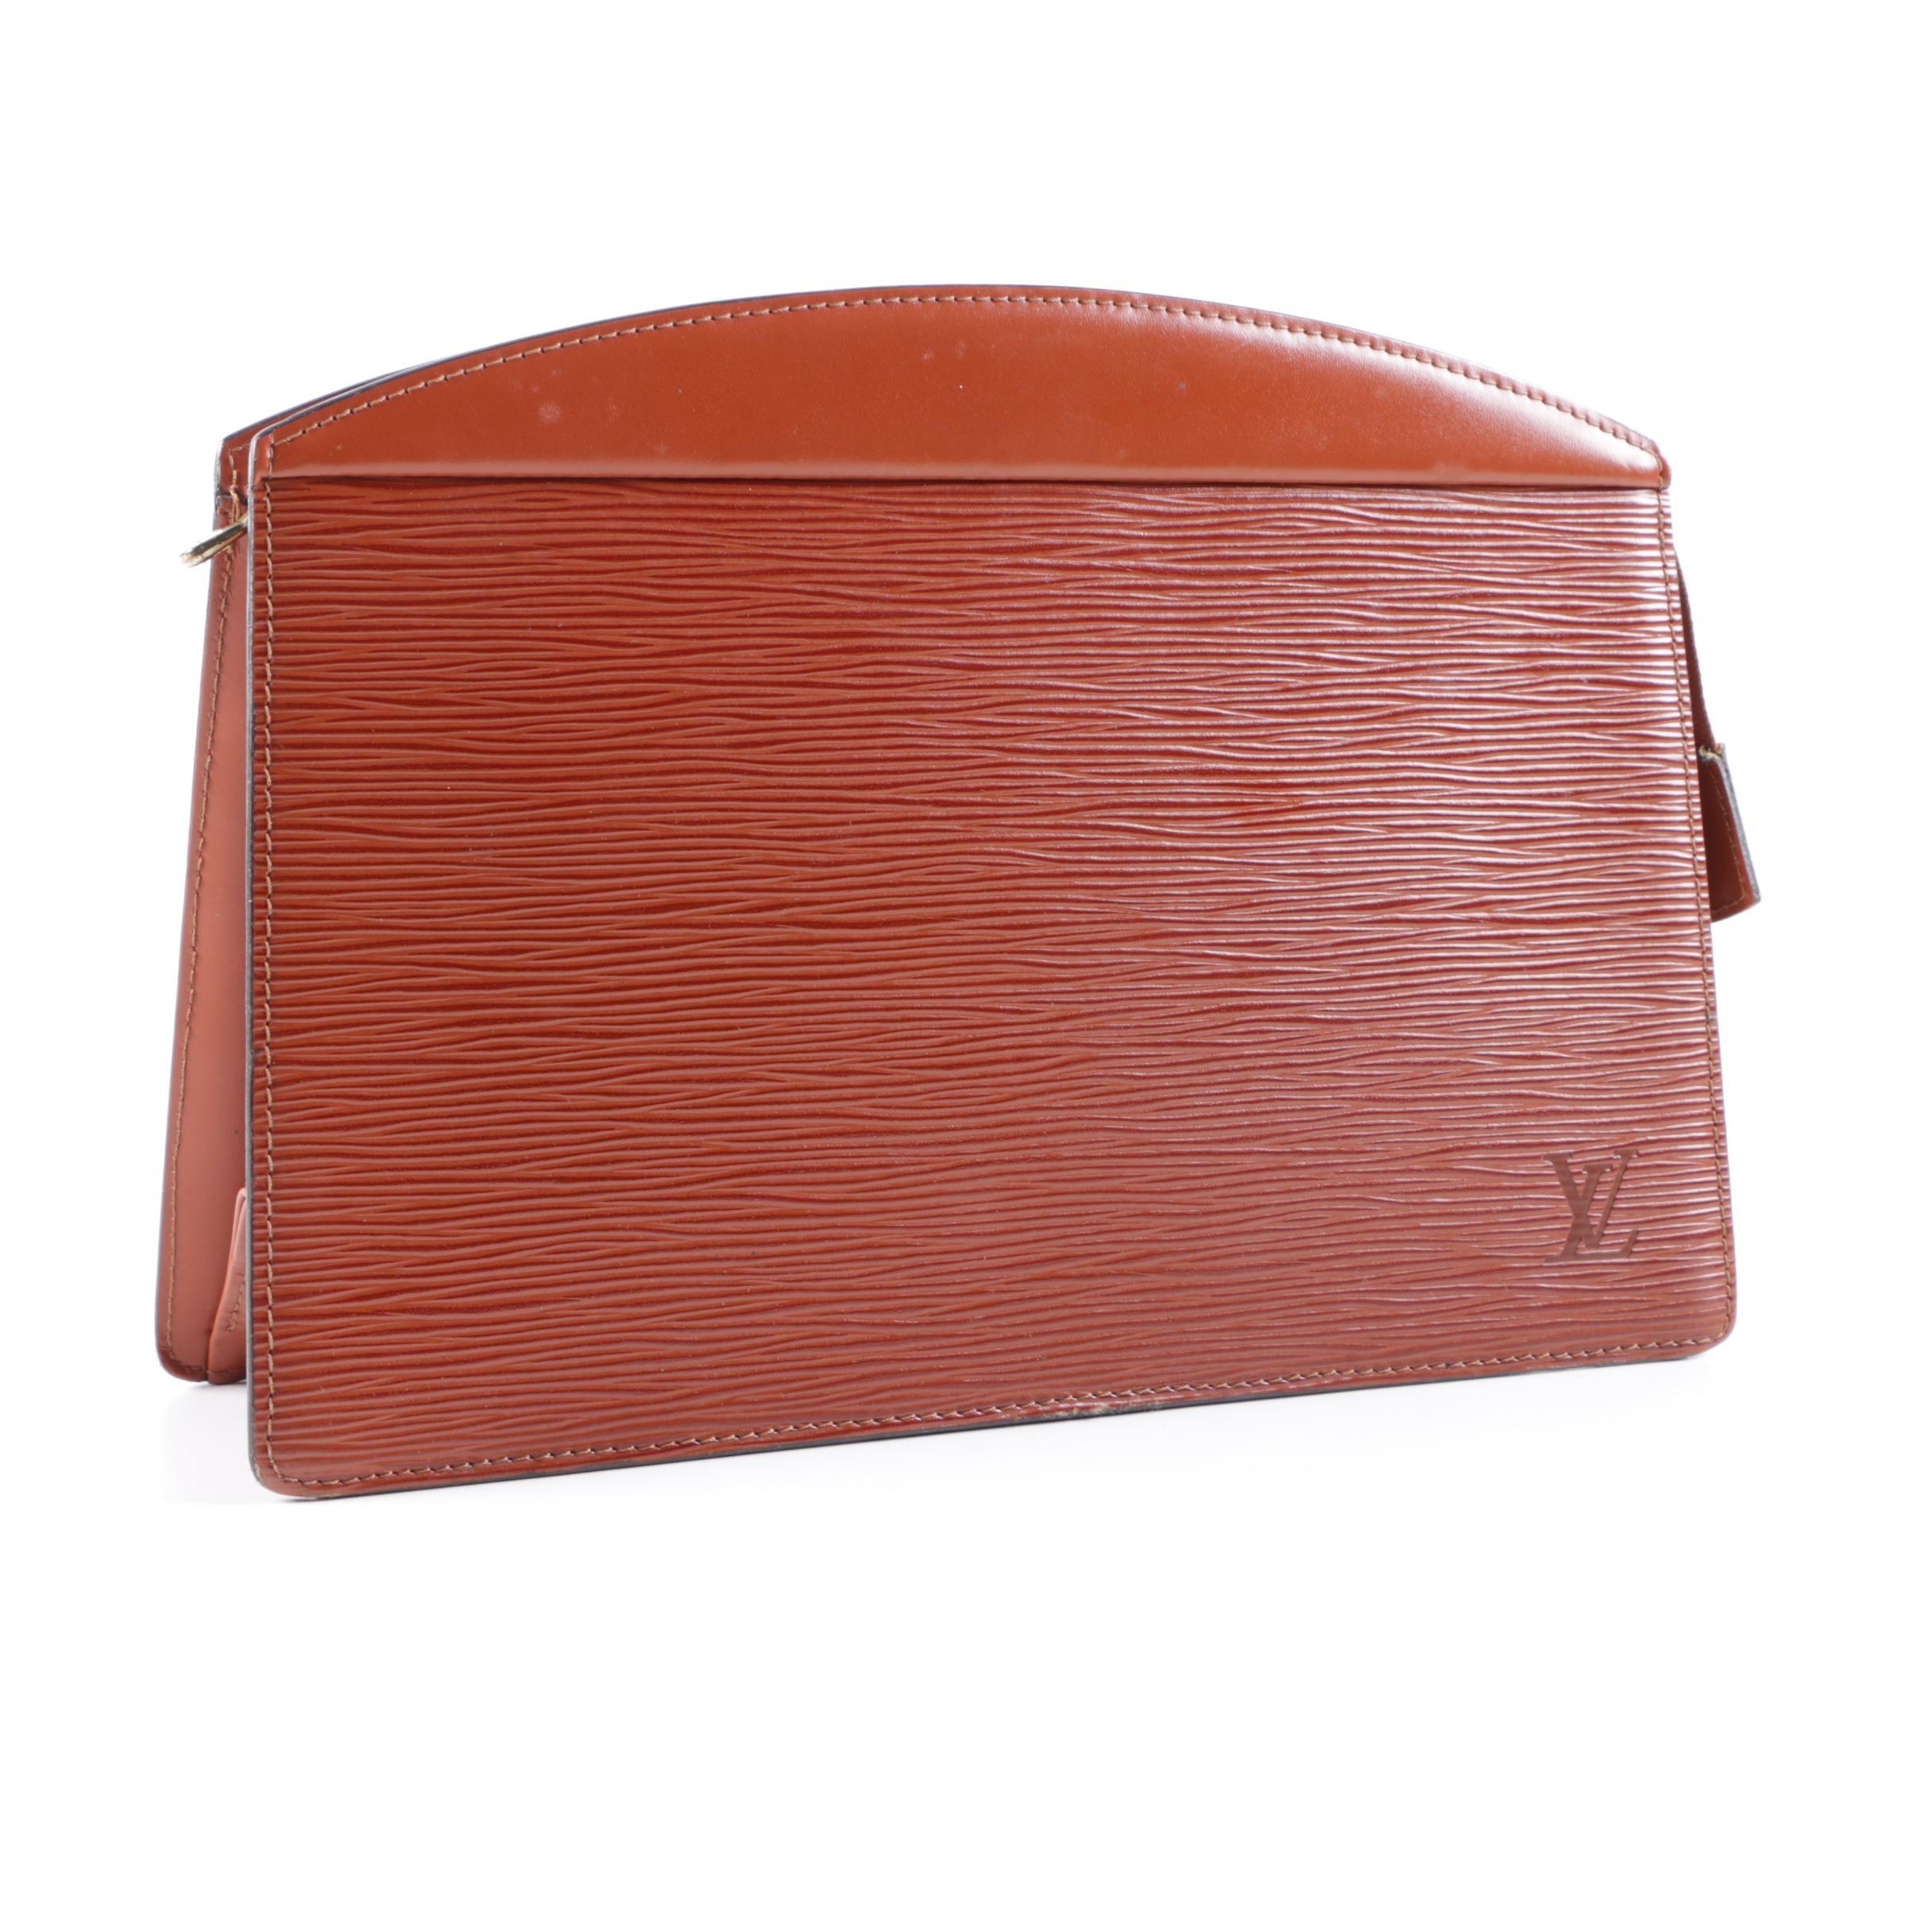 Vintage Louis Vuitton Cipango Gold Epi Leather Accessory Pouch